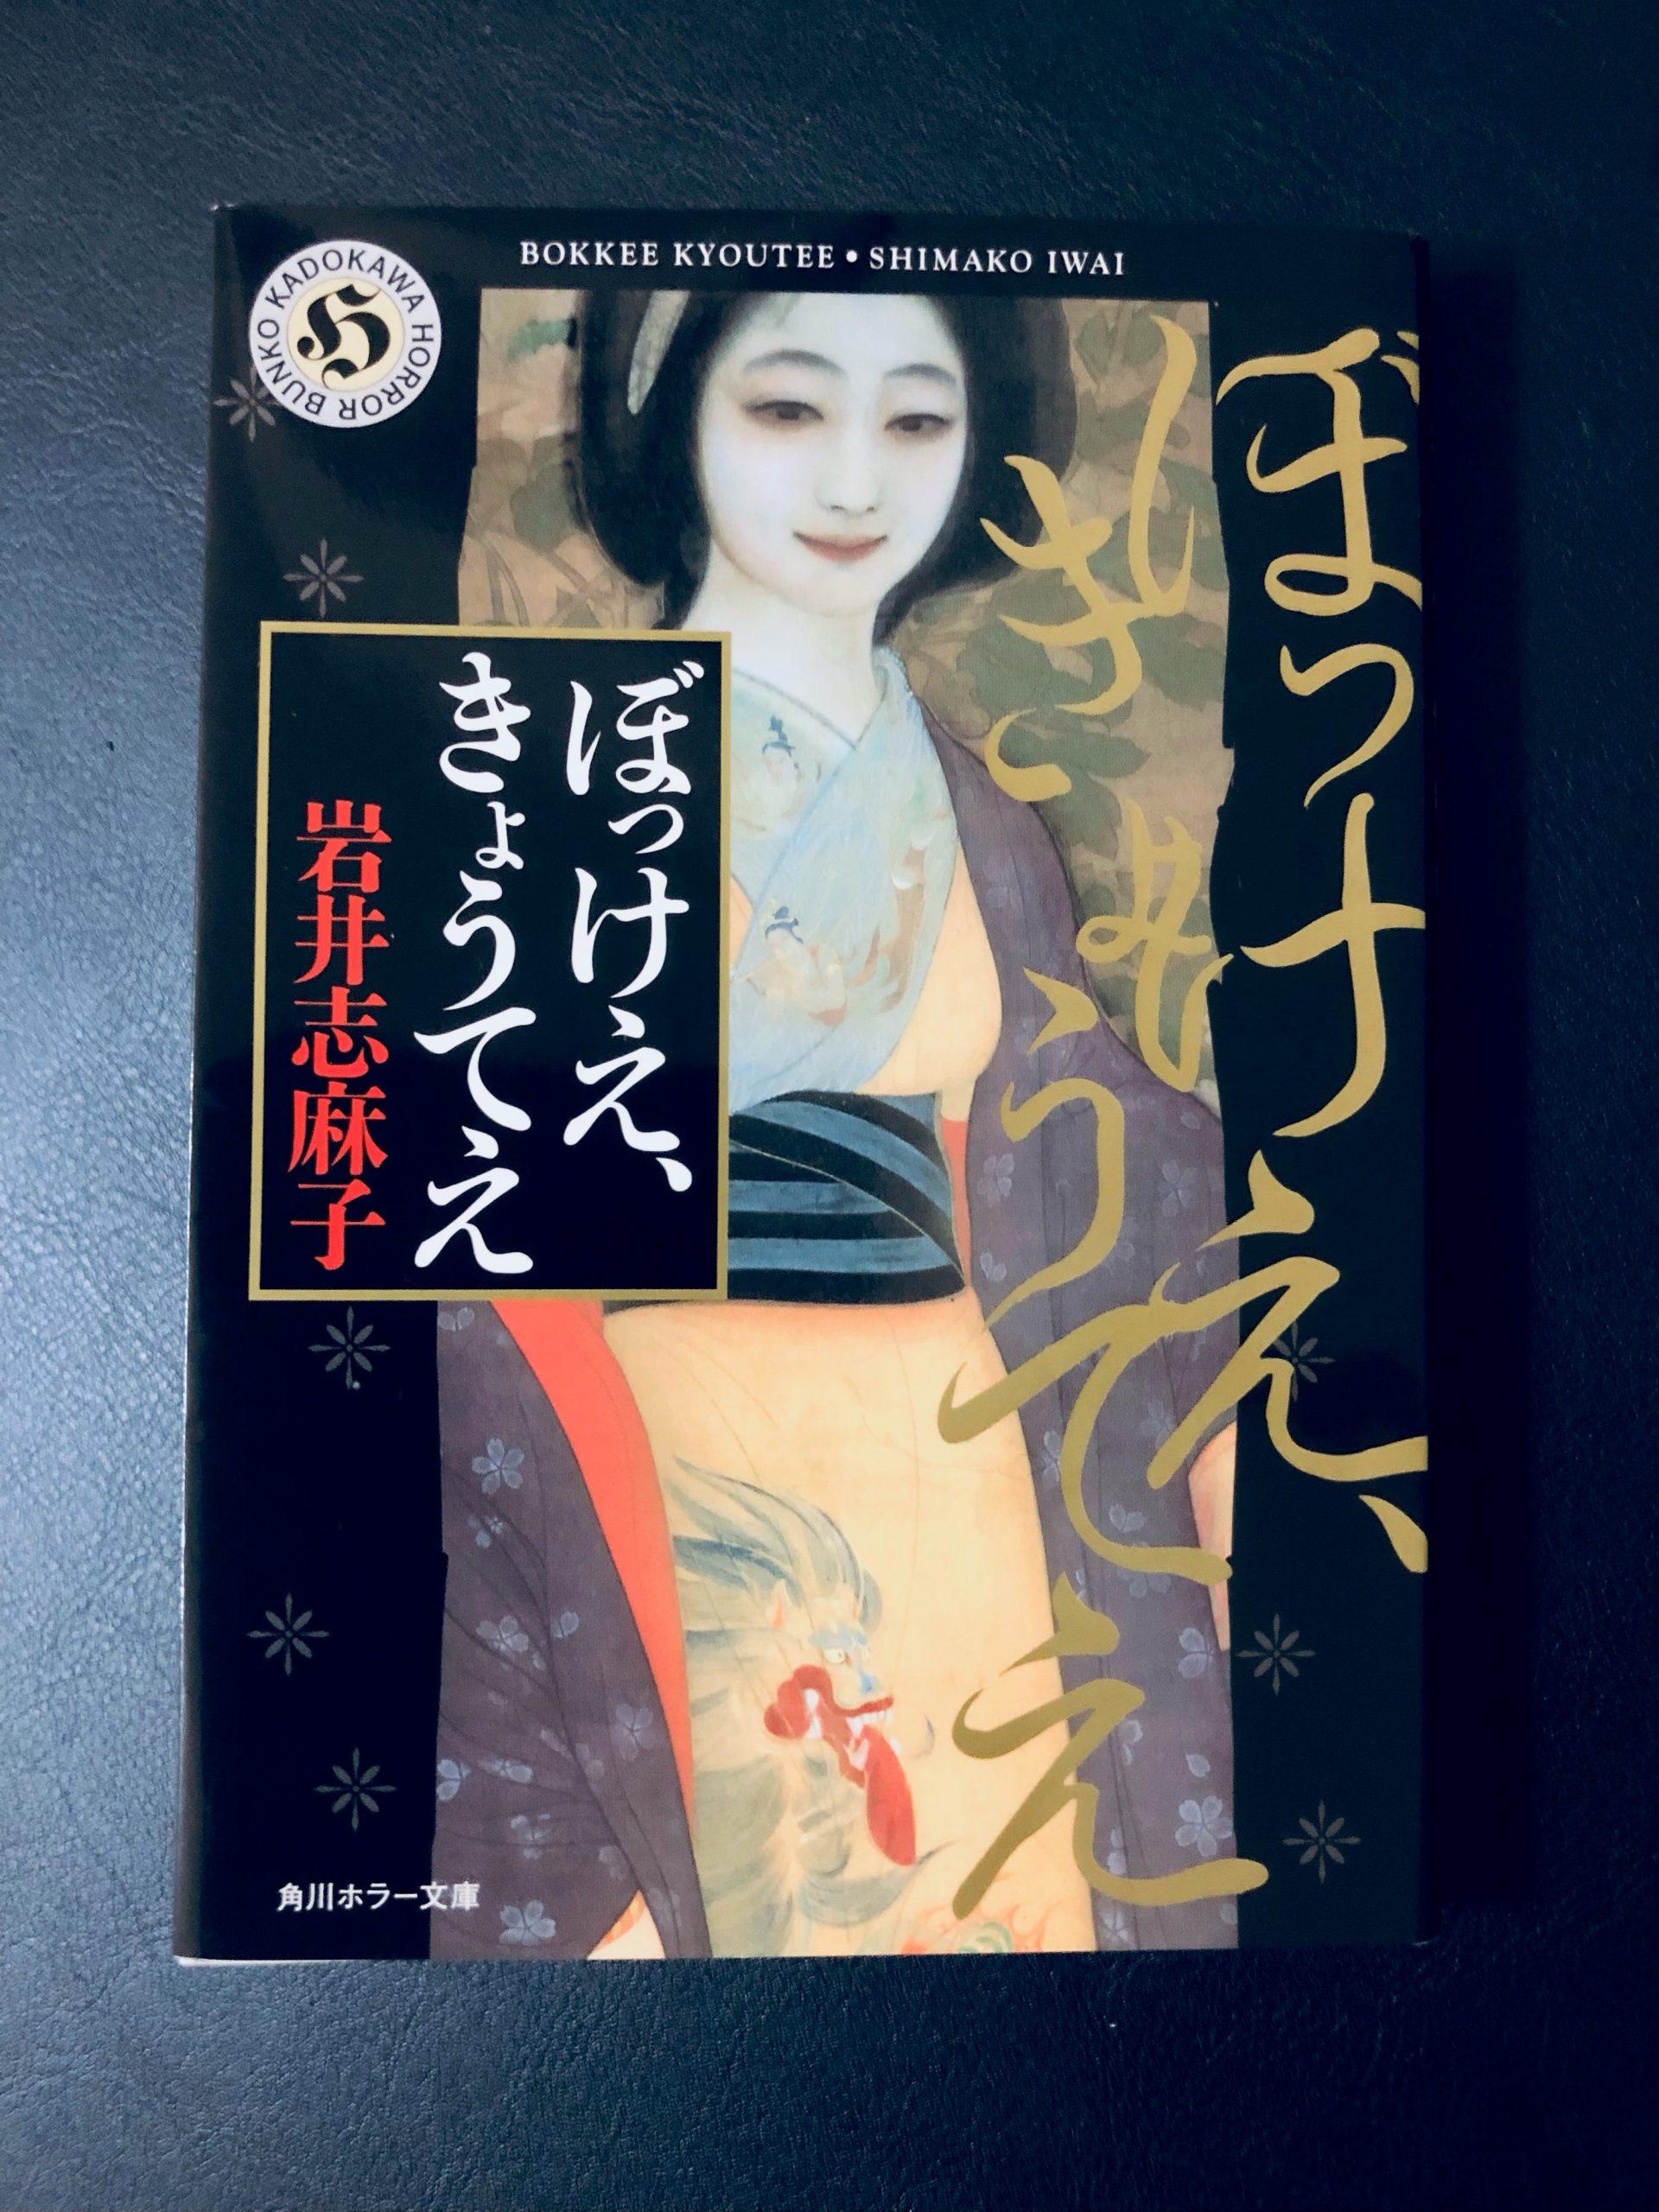 第6回日本ホラー小説大賞、第13回山本周五郎賞受賞作品 (全4篇)